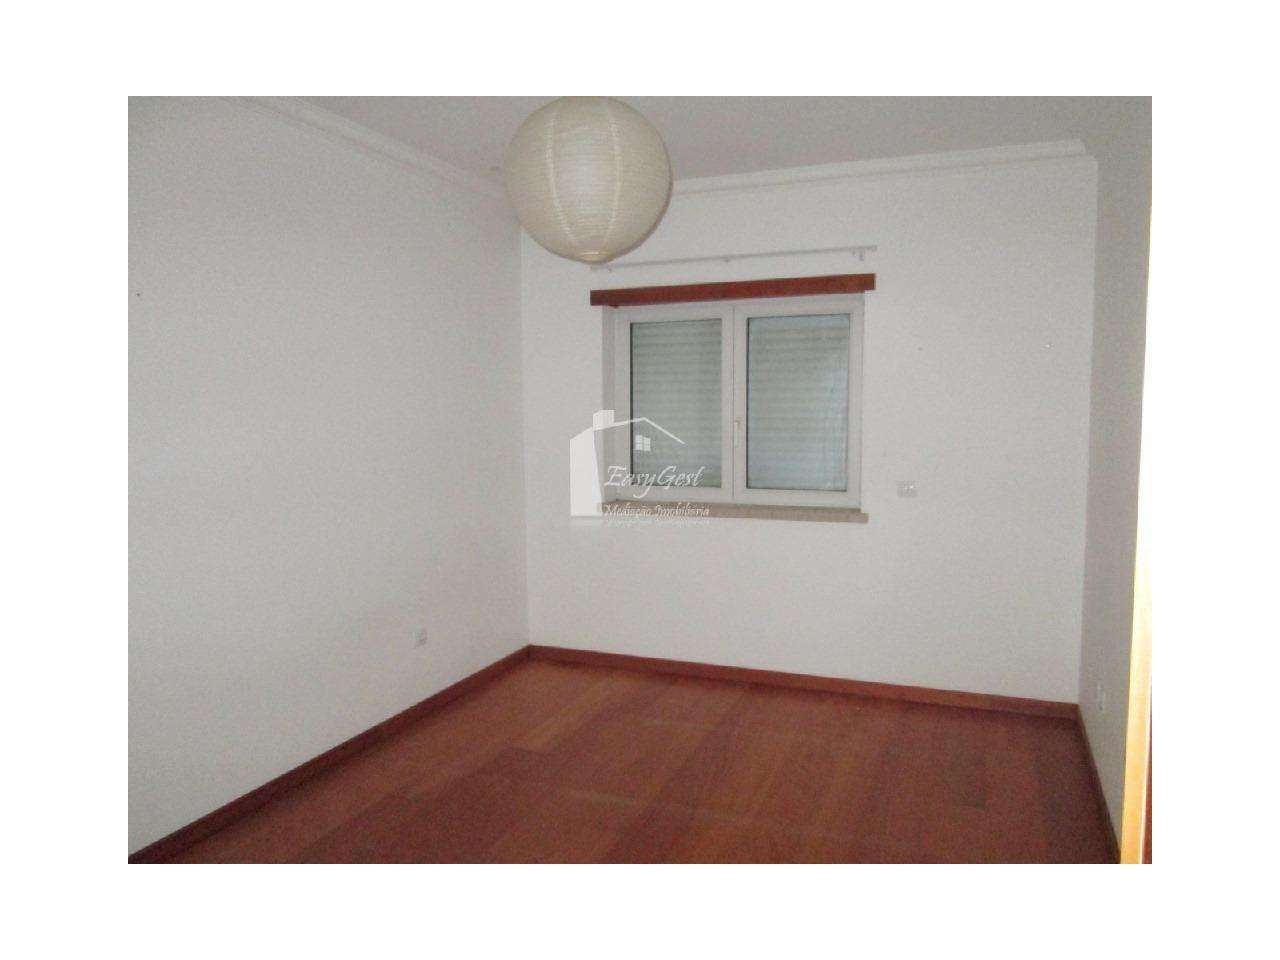 Apartamento para comprar, Pataias e Martingança, Leiria - Foto 6